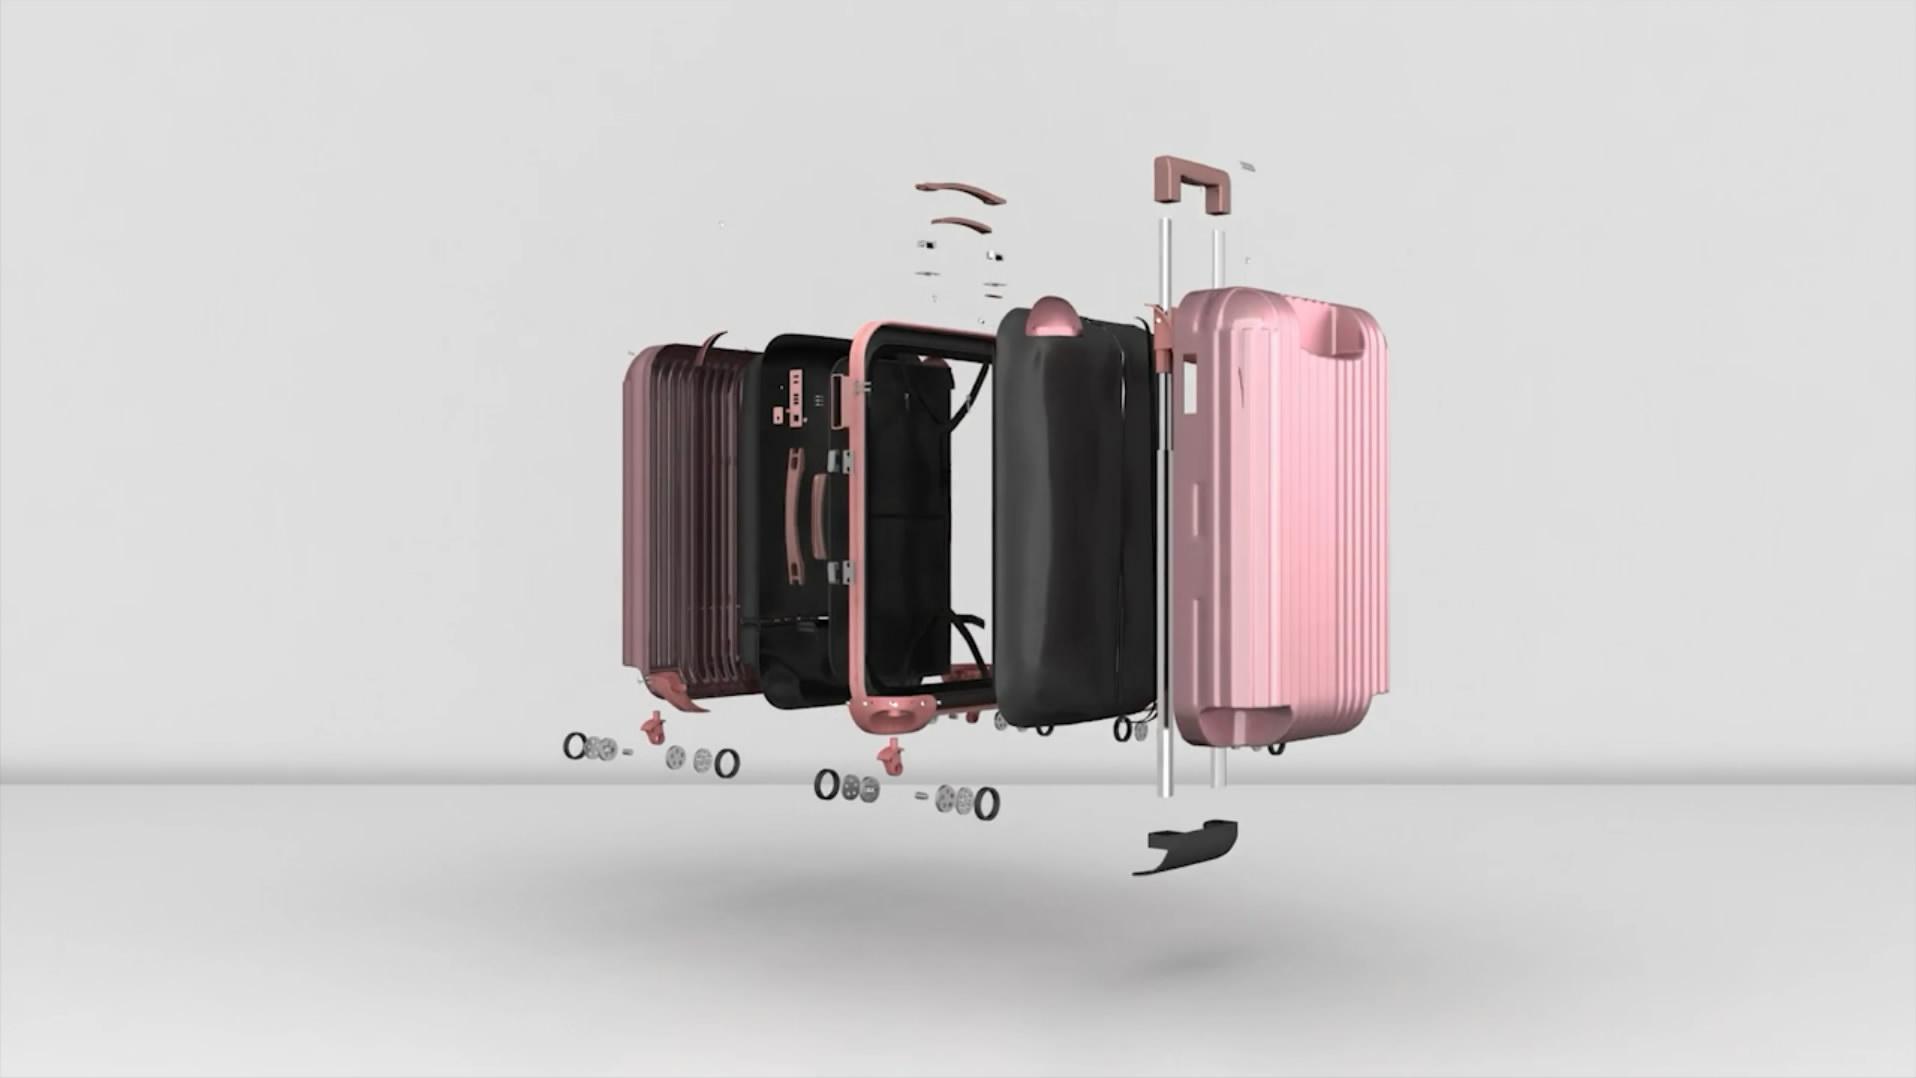 行李箱三维动画展示效果